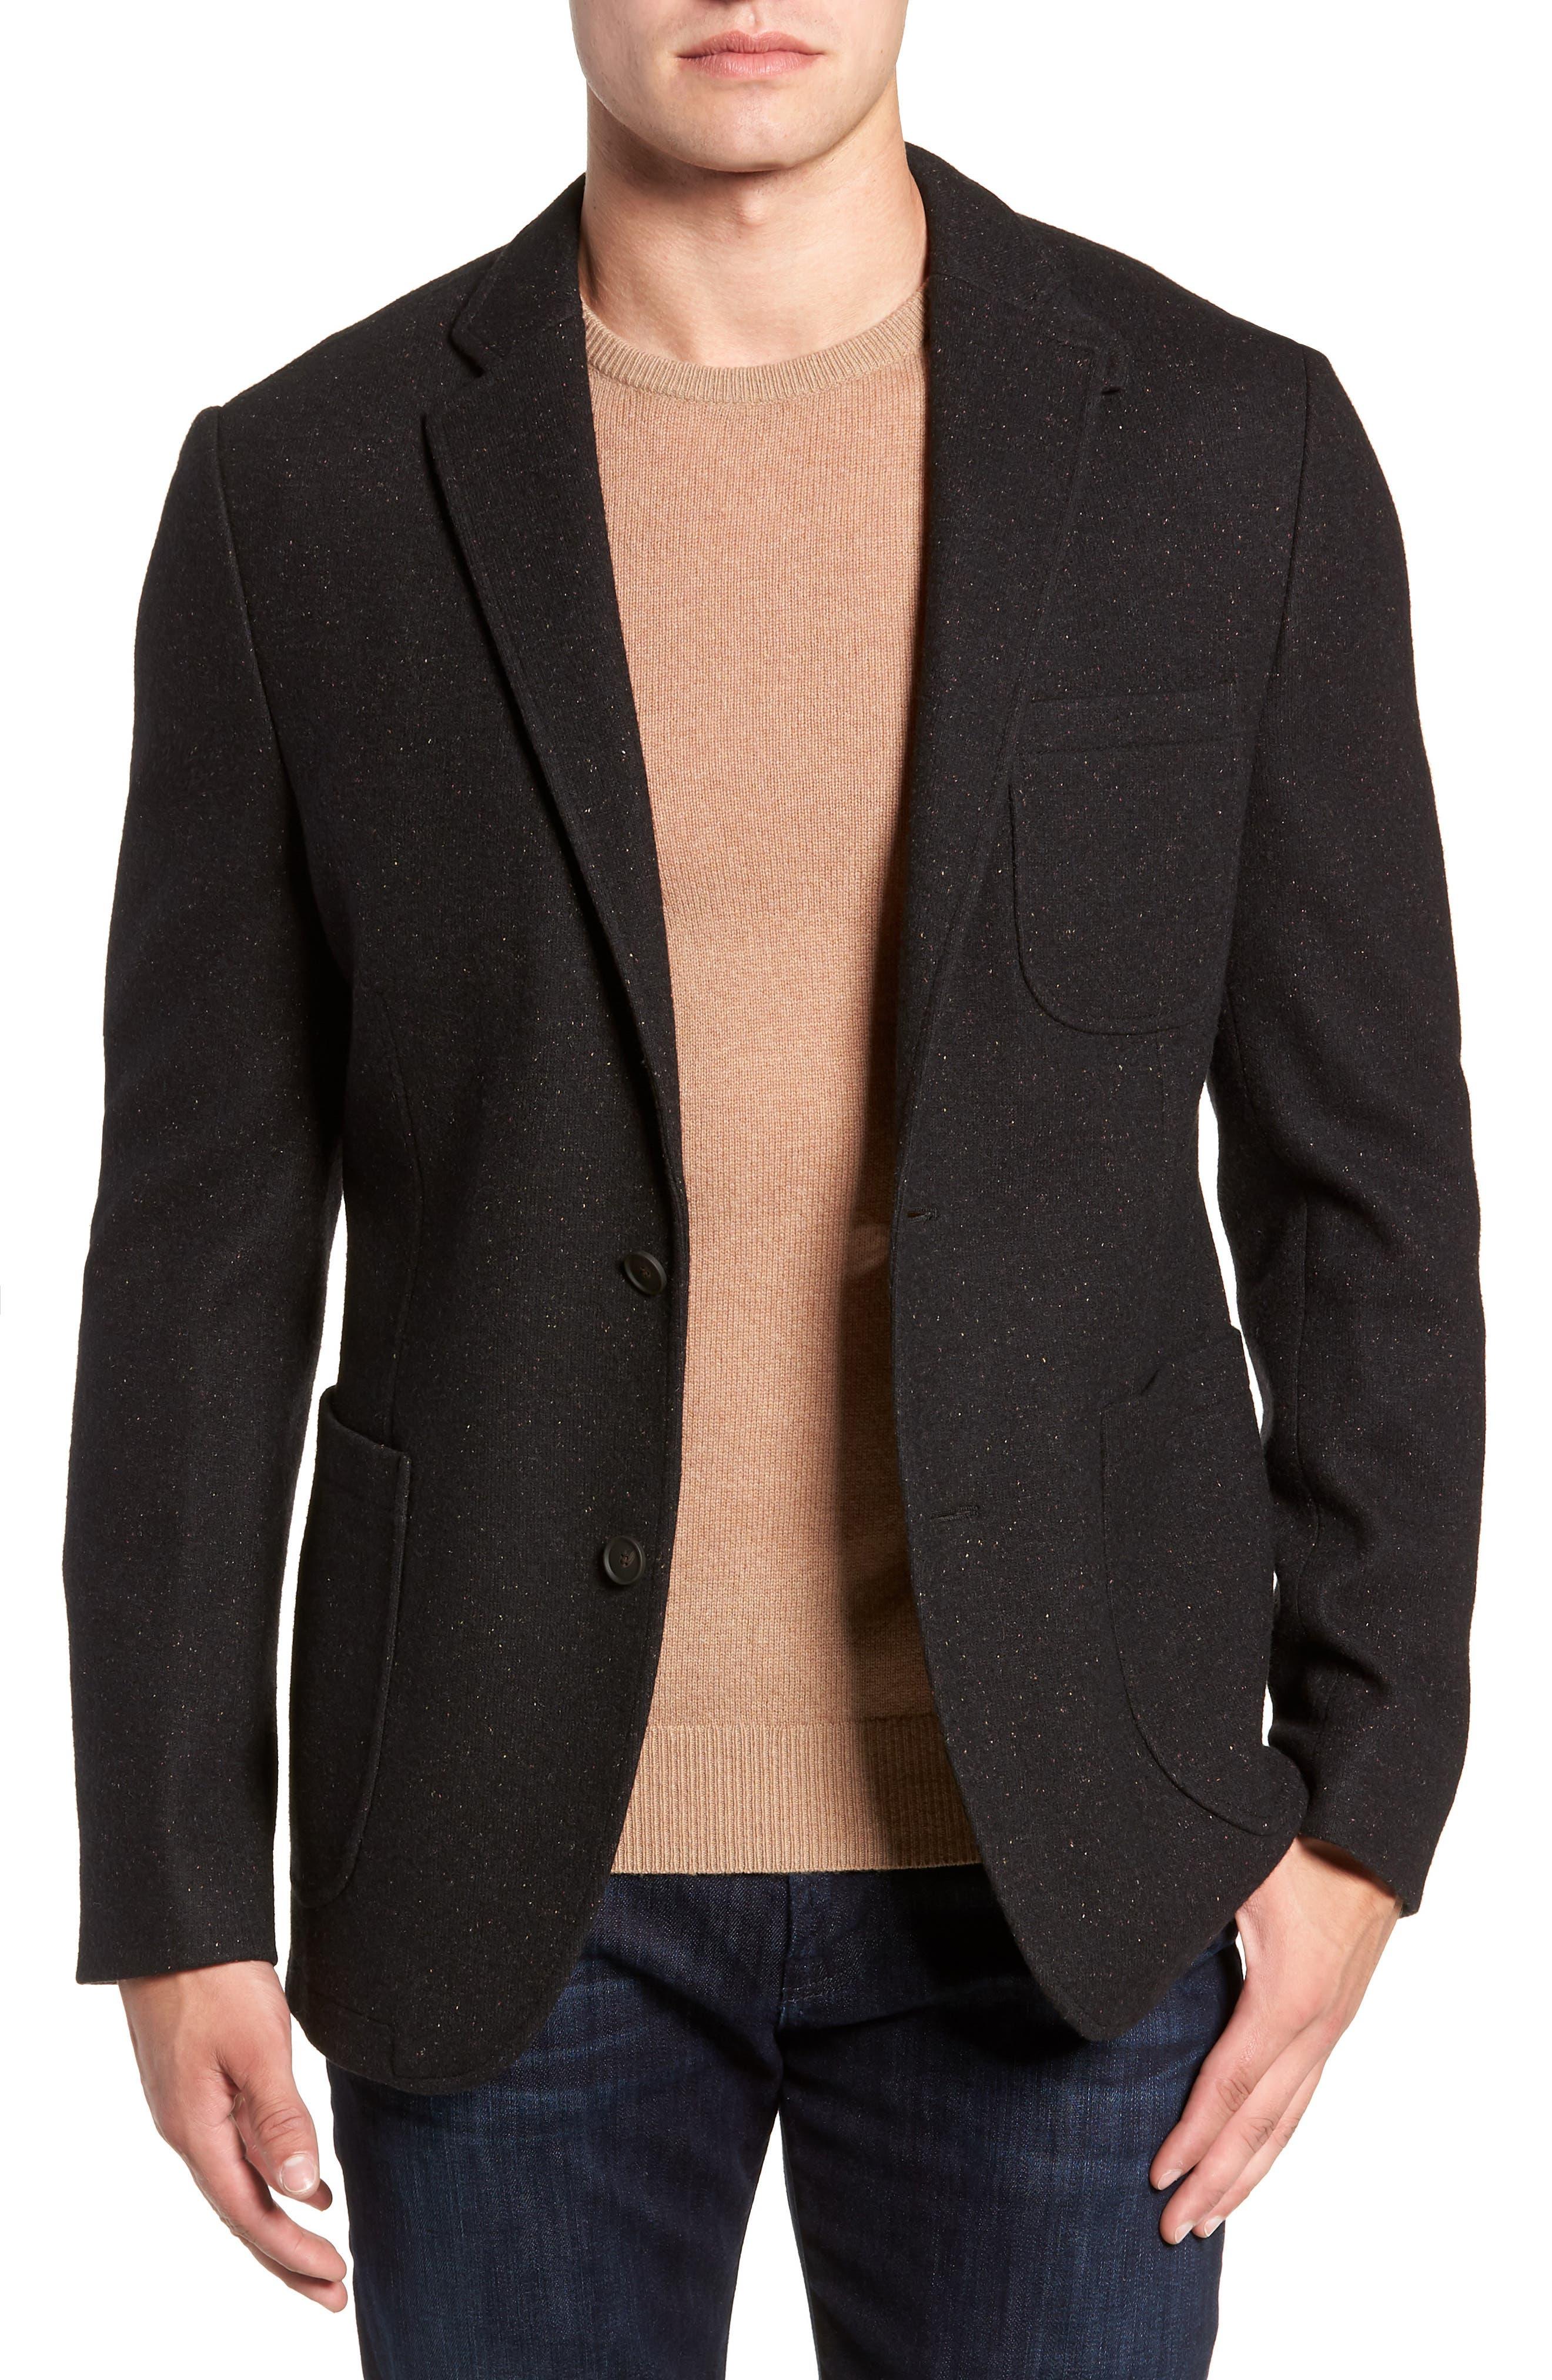 White Solid Cotton Blend Sport Coat,                             Main thumbnail 1, color,                             BLACK